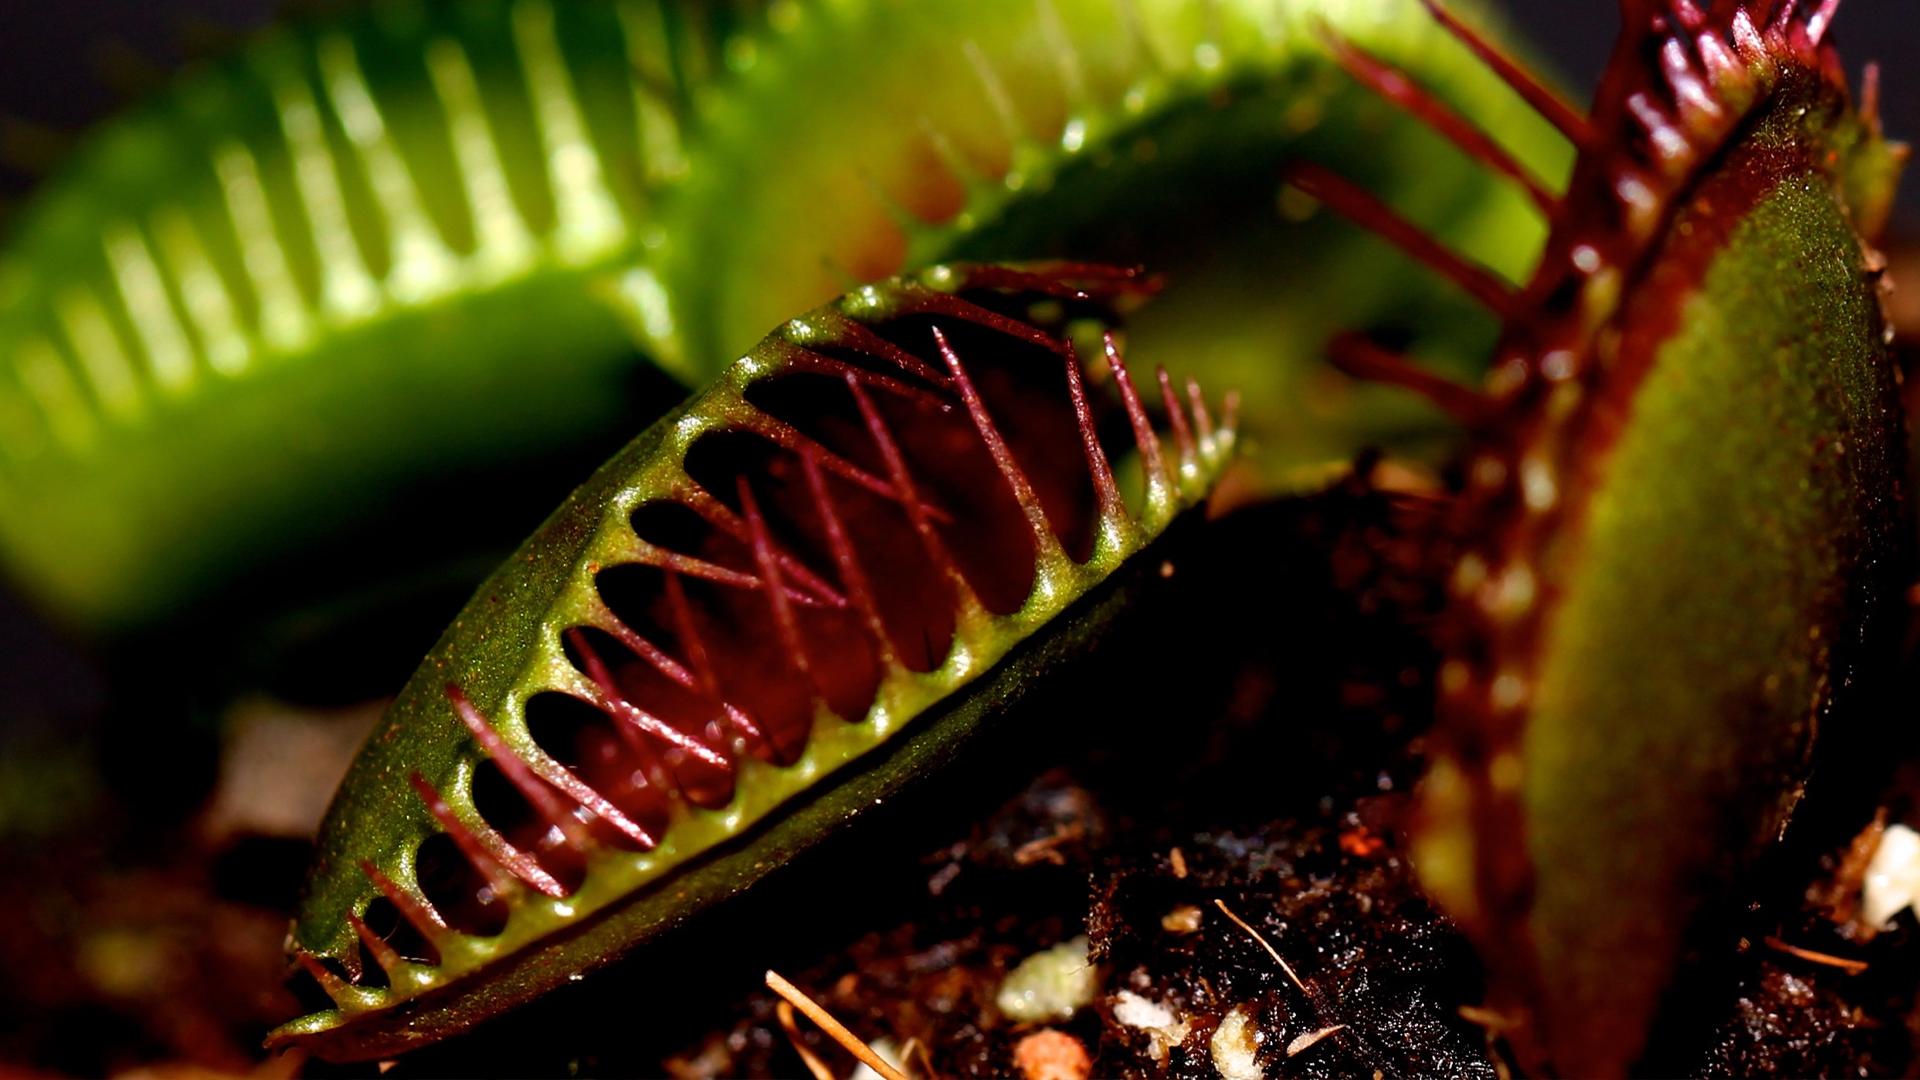 A close up image of a Venus flytrap.